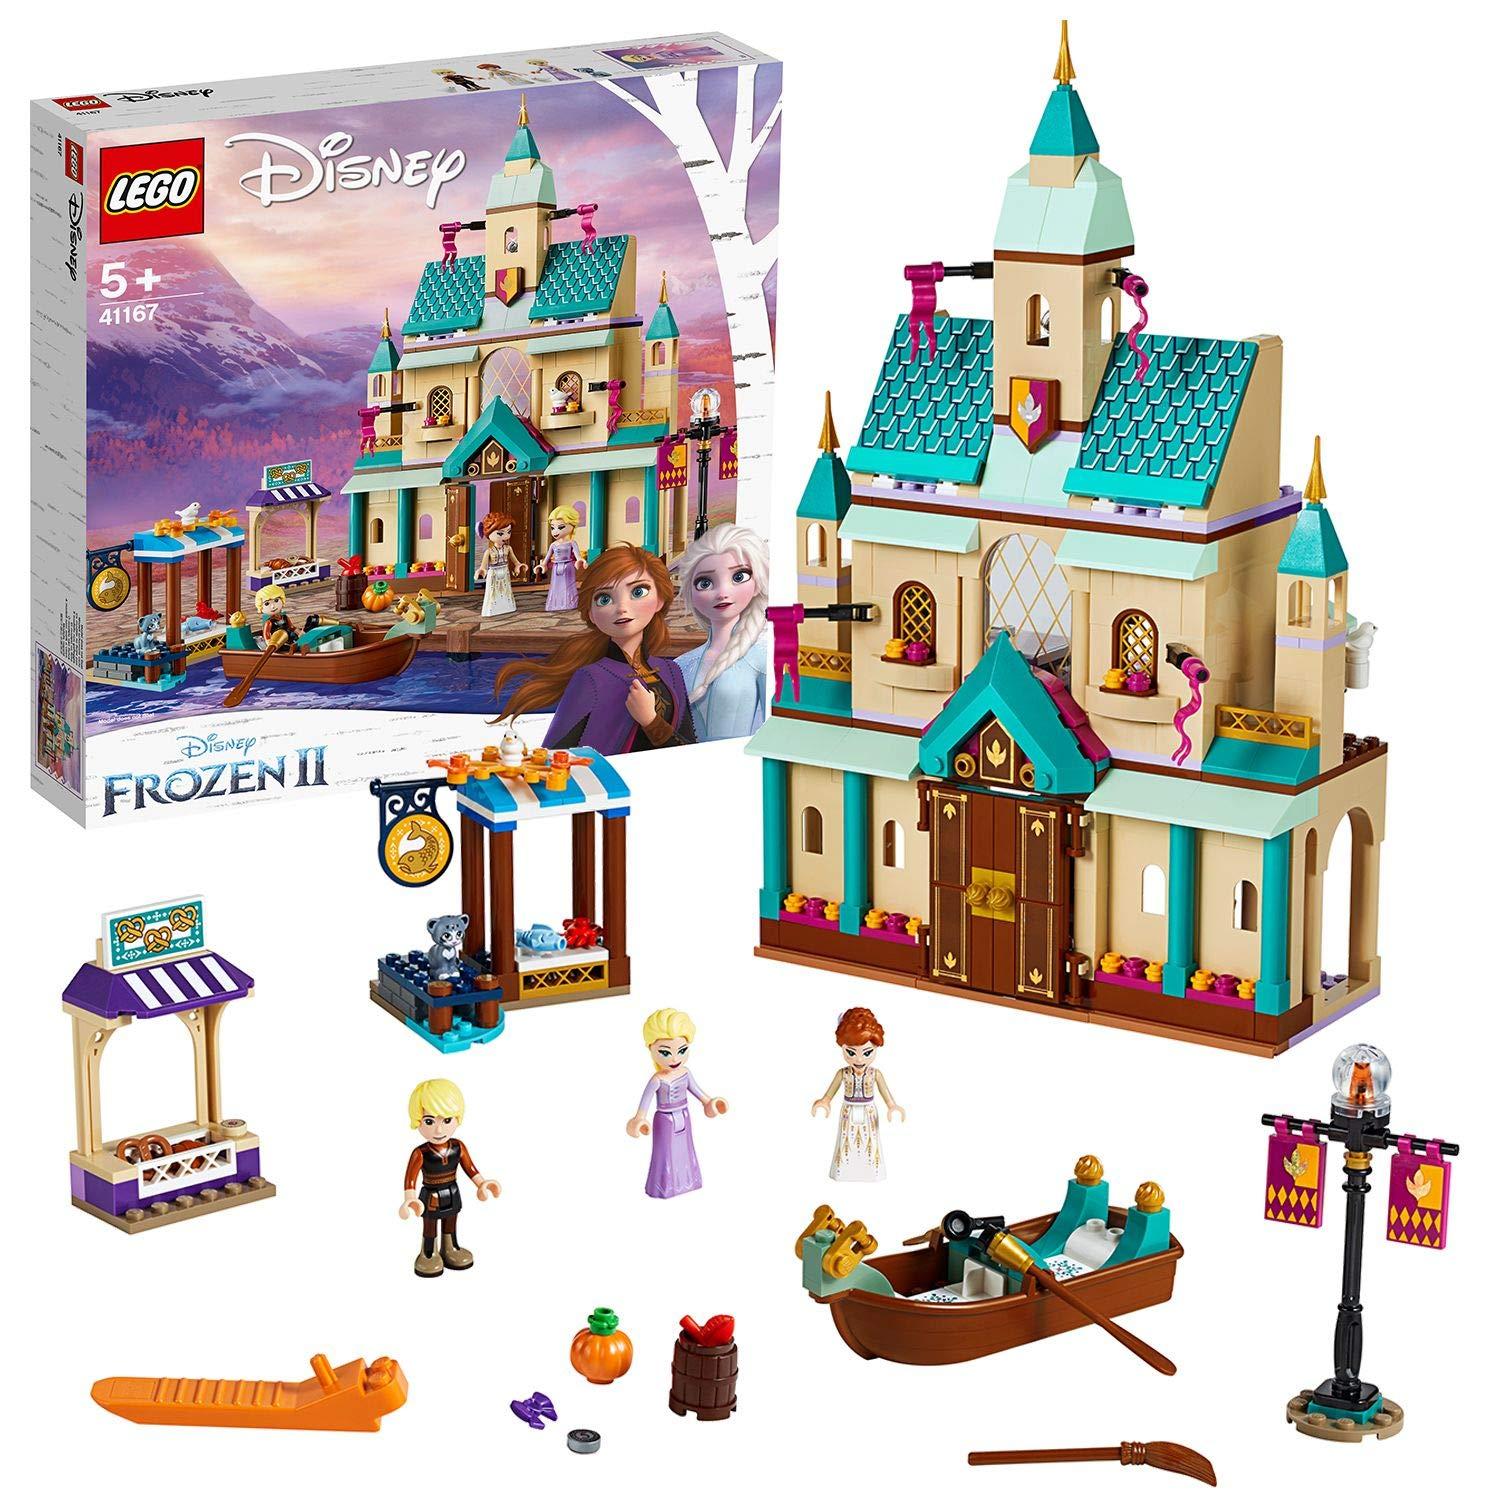 Lego Disney Princess 41167 - La Reine des Neiges 2 : Le château d'Arendelle